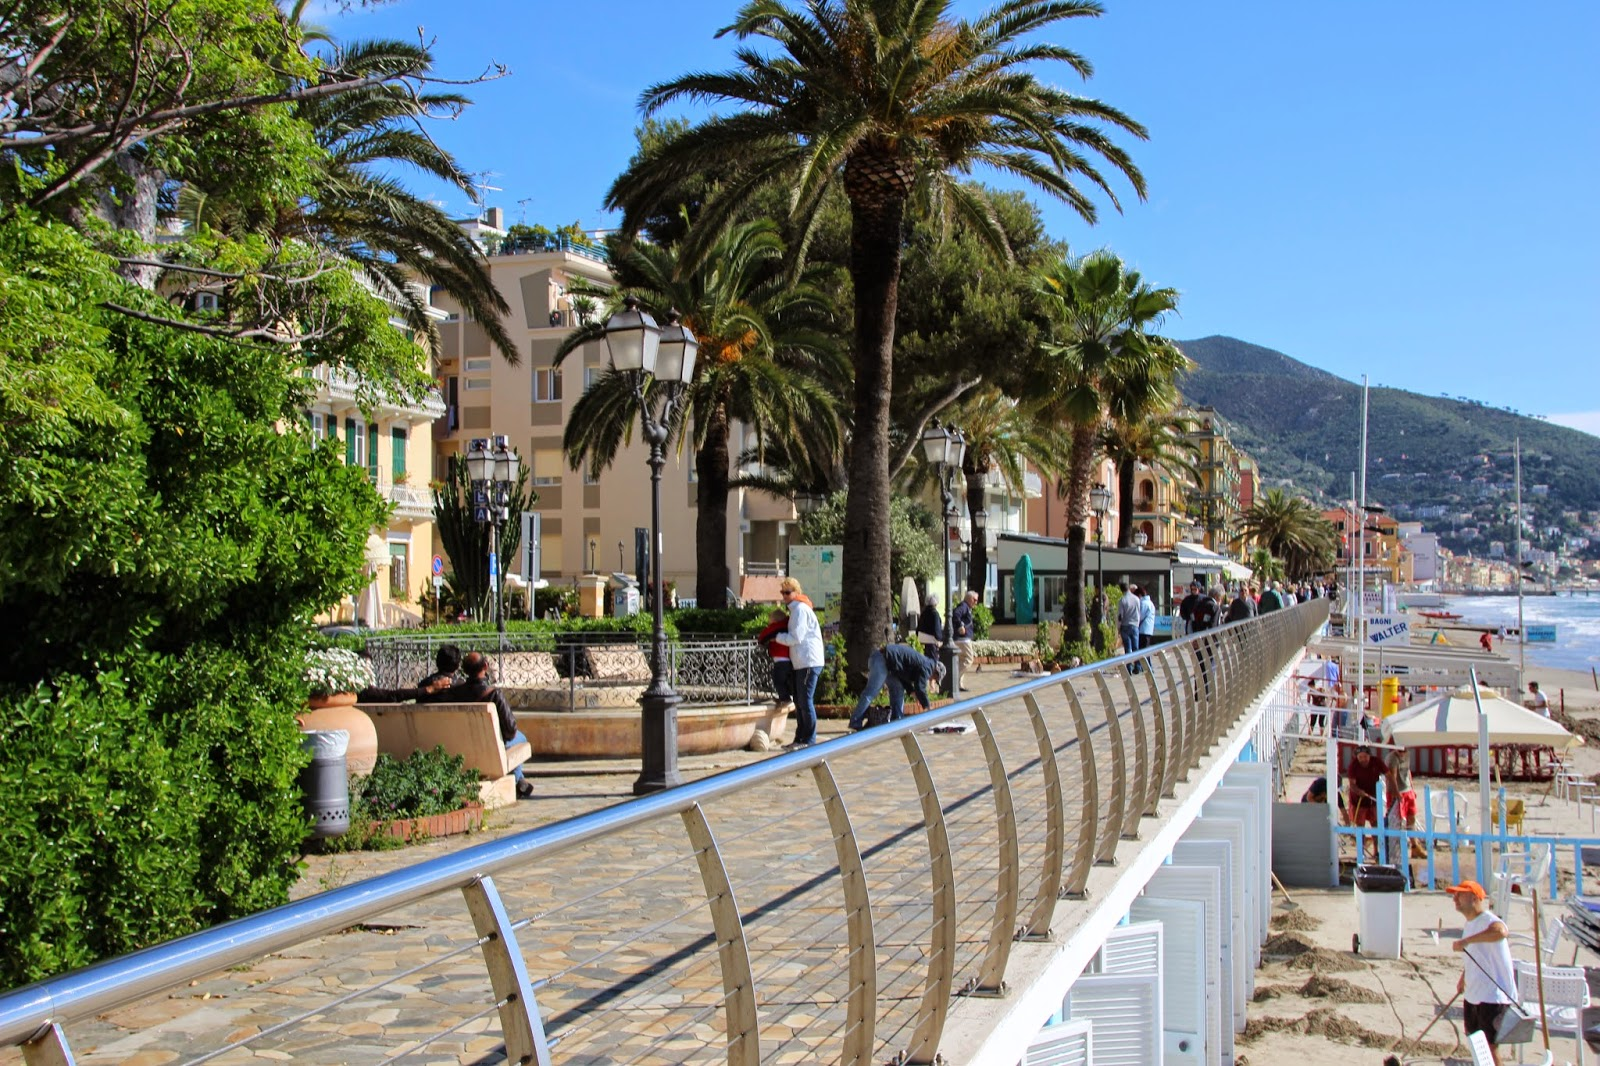 Vakantiehuizen Italië, vakantiehuis bloemenrivièra, vakantiehuizen bloemenrivièra, vakantiehuizen Ligurië, vakantiewoningen bloemenrivièra, vakantiehuis huren Italië, vakantieappartementen Italië, accommodatie bloemenrivièra, vakantiehuizen bloemenrivièra Italië, autovakantie bloemenrivièra, huisje bloemenrivièra, huis huren Italië bloemenrivièra, bloemenrivièra bungalow, vakantiehuizen Ligurië, vakantievilla bloemenrivièra, vakantiehuisje bloemenrivièra, vakantie bloemenrivièra 2015, vakantiehuis Ligurië, bloemenrivièra Agriturismo, bloemenrivièra vakantiepark, vakantie bloemenrivièra, bloemenrivièra Italië, vakantiehuis Italië, vakantiewoning bloemenrivièra